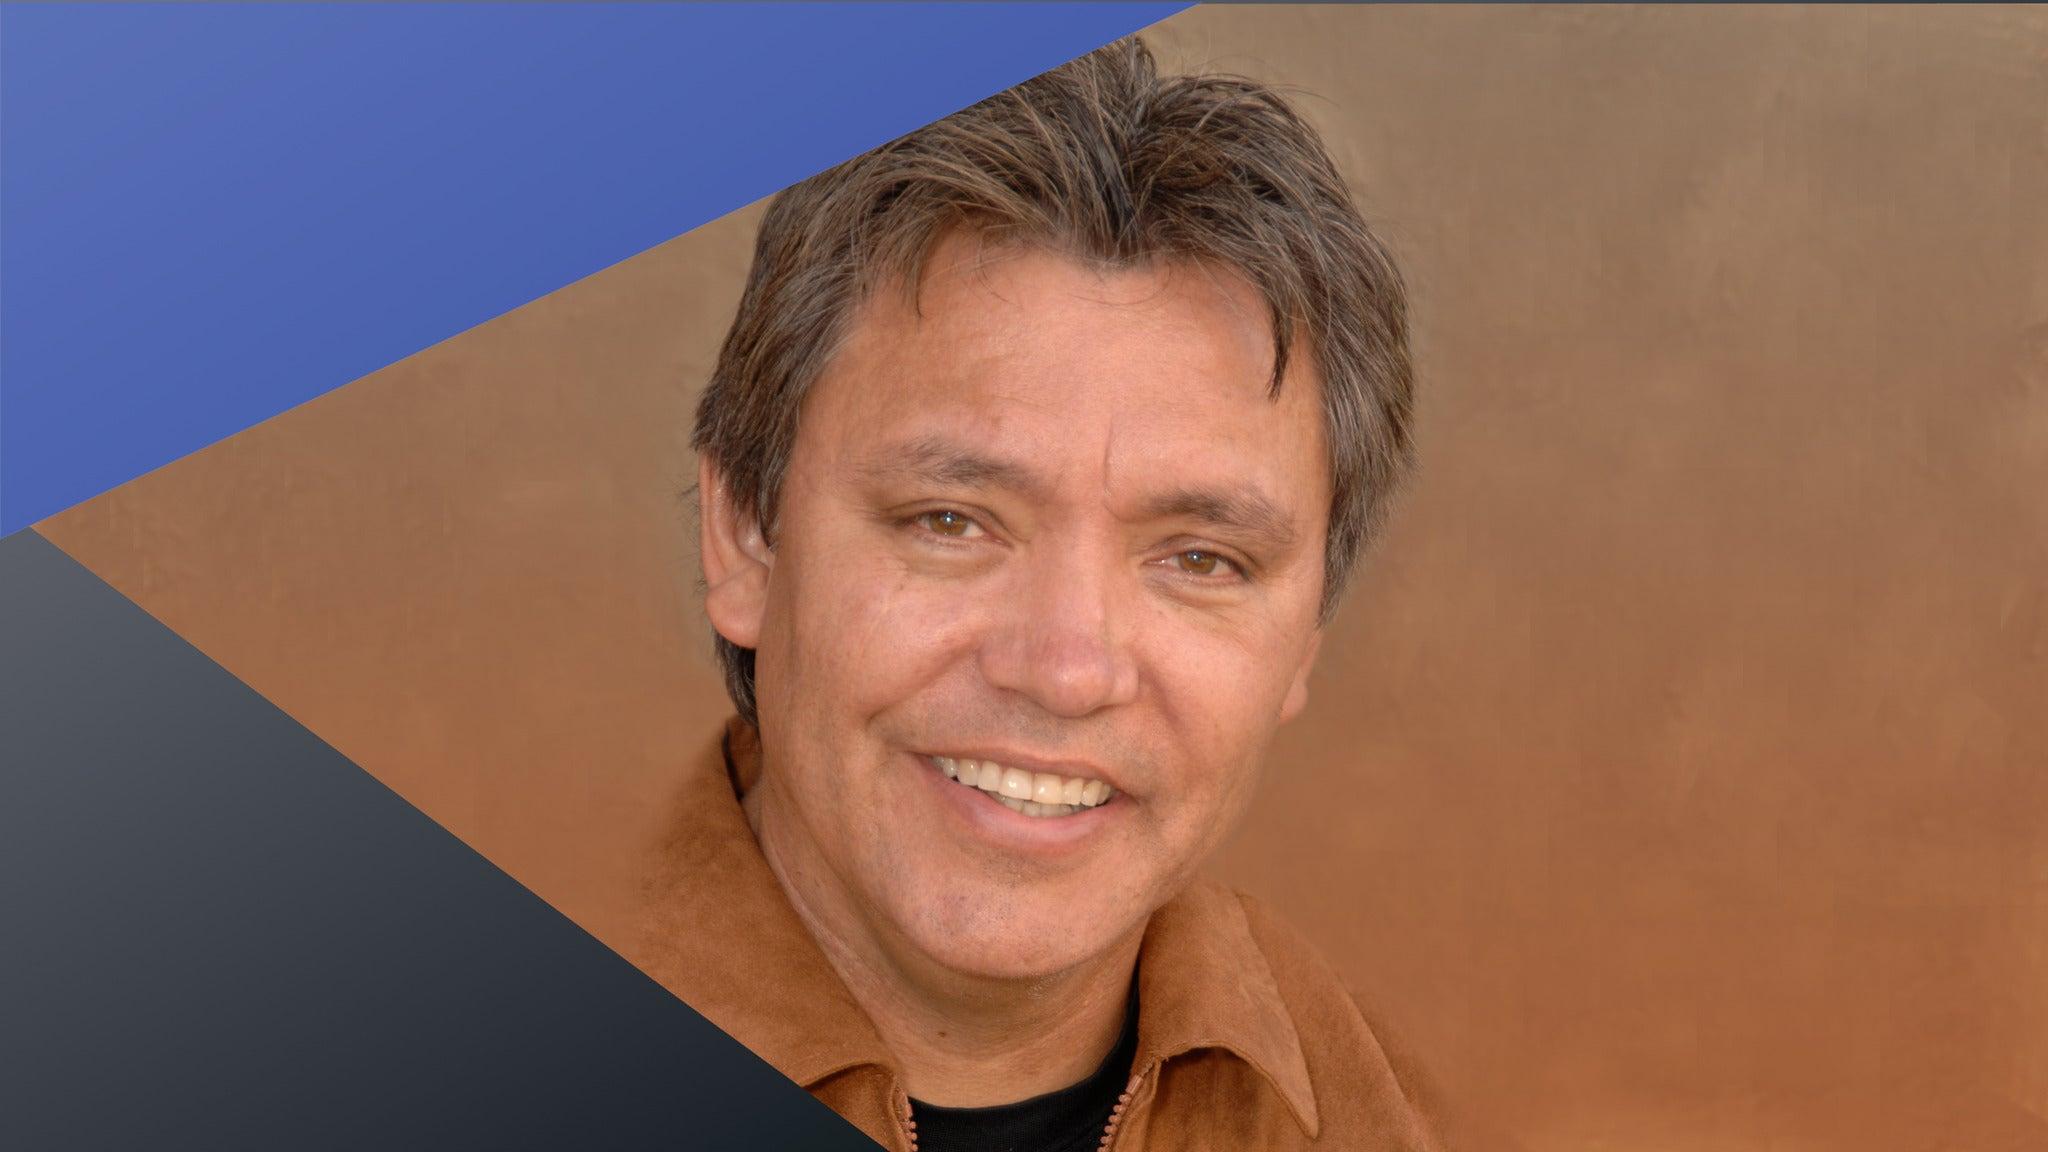 Marc Yaffee at Pechanga Resort and Casino